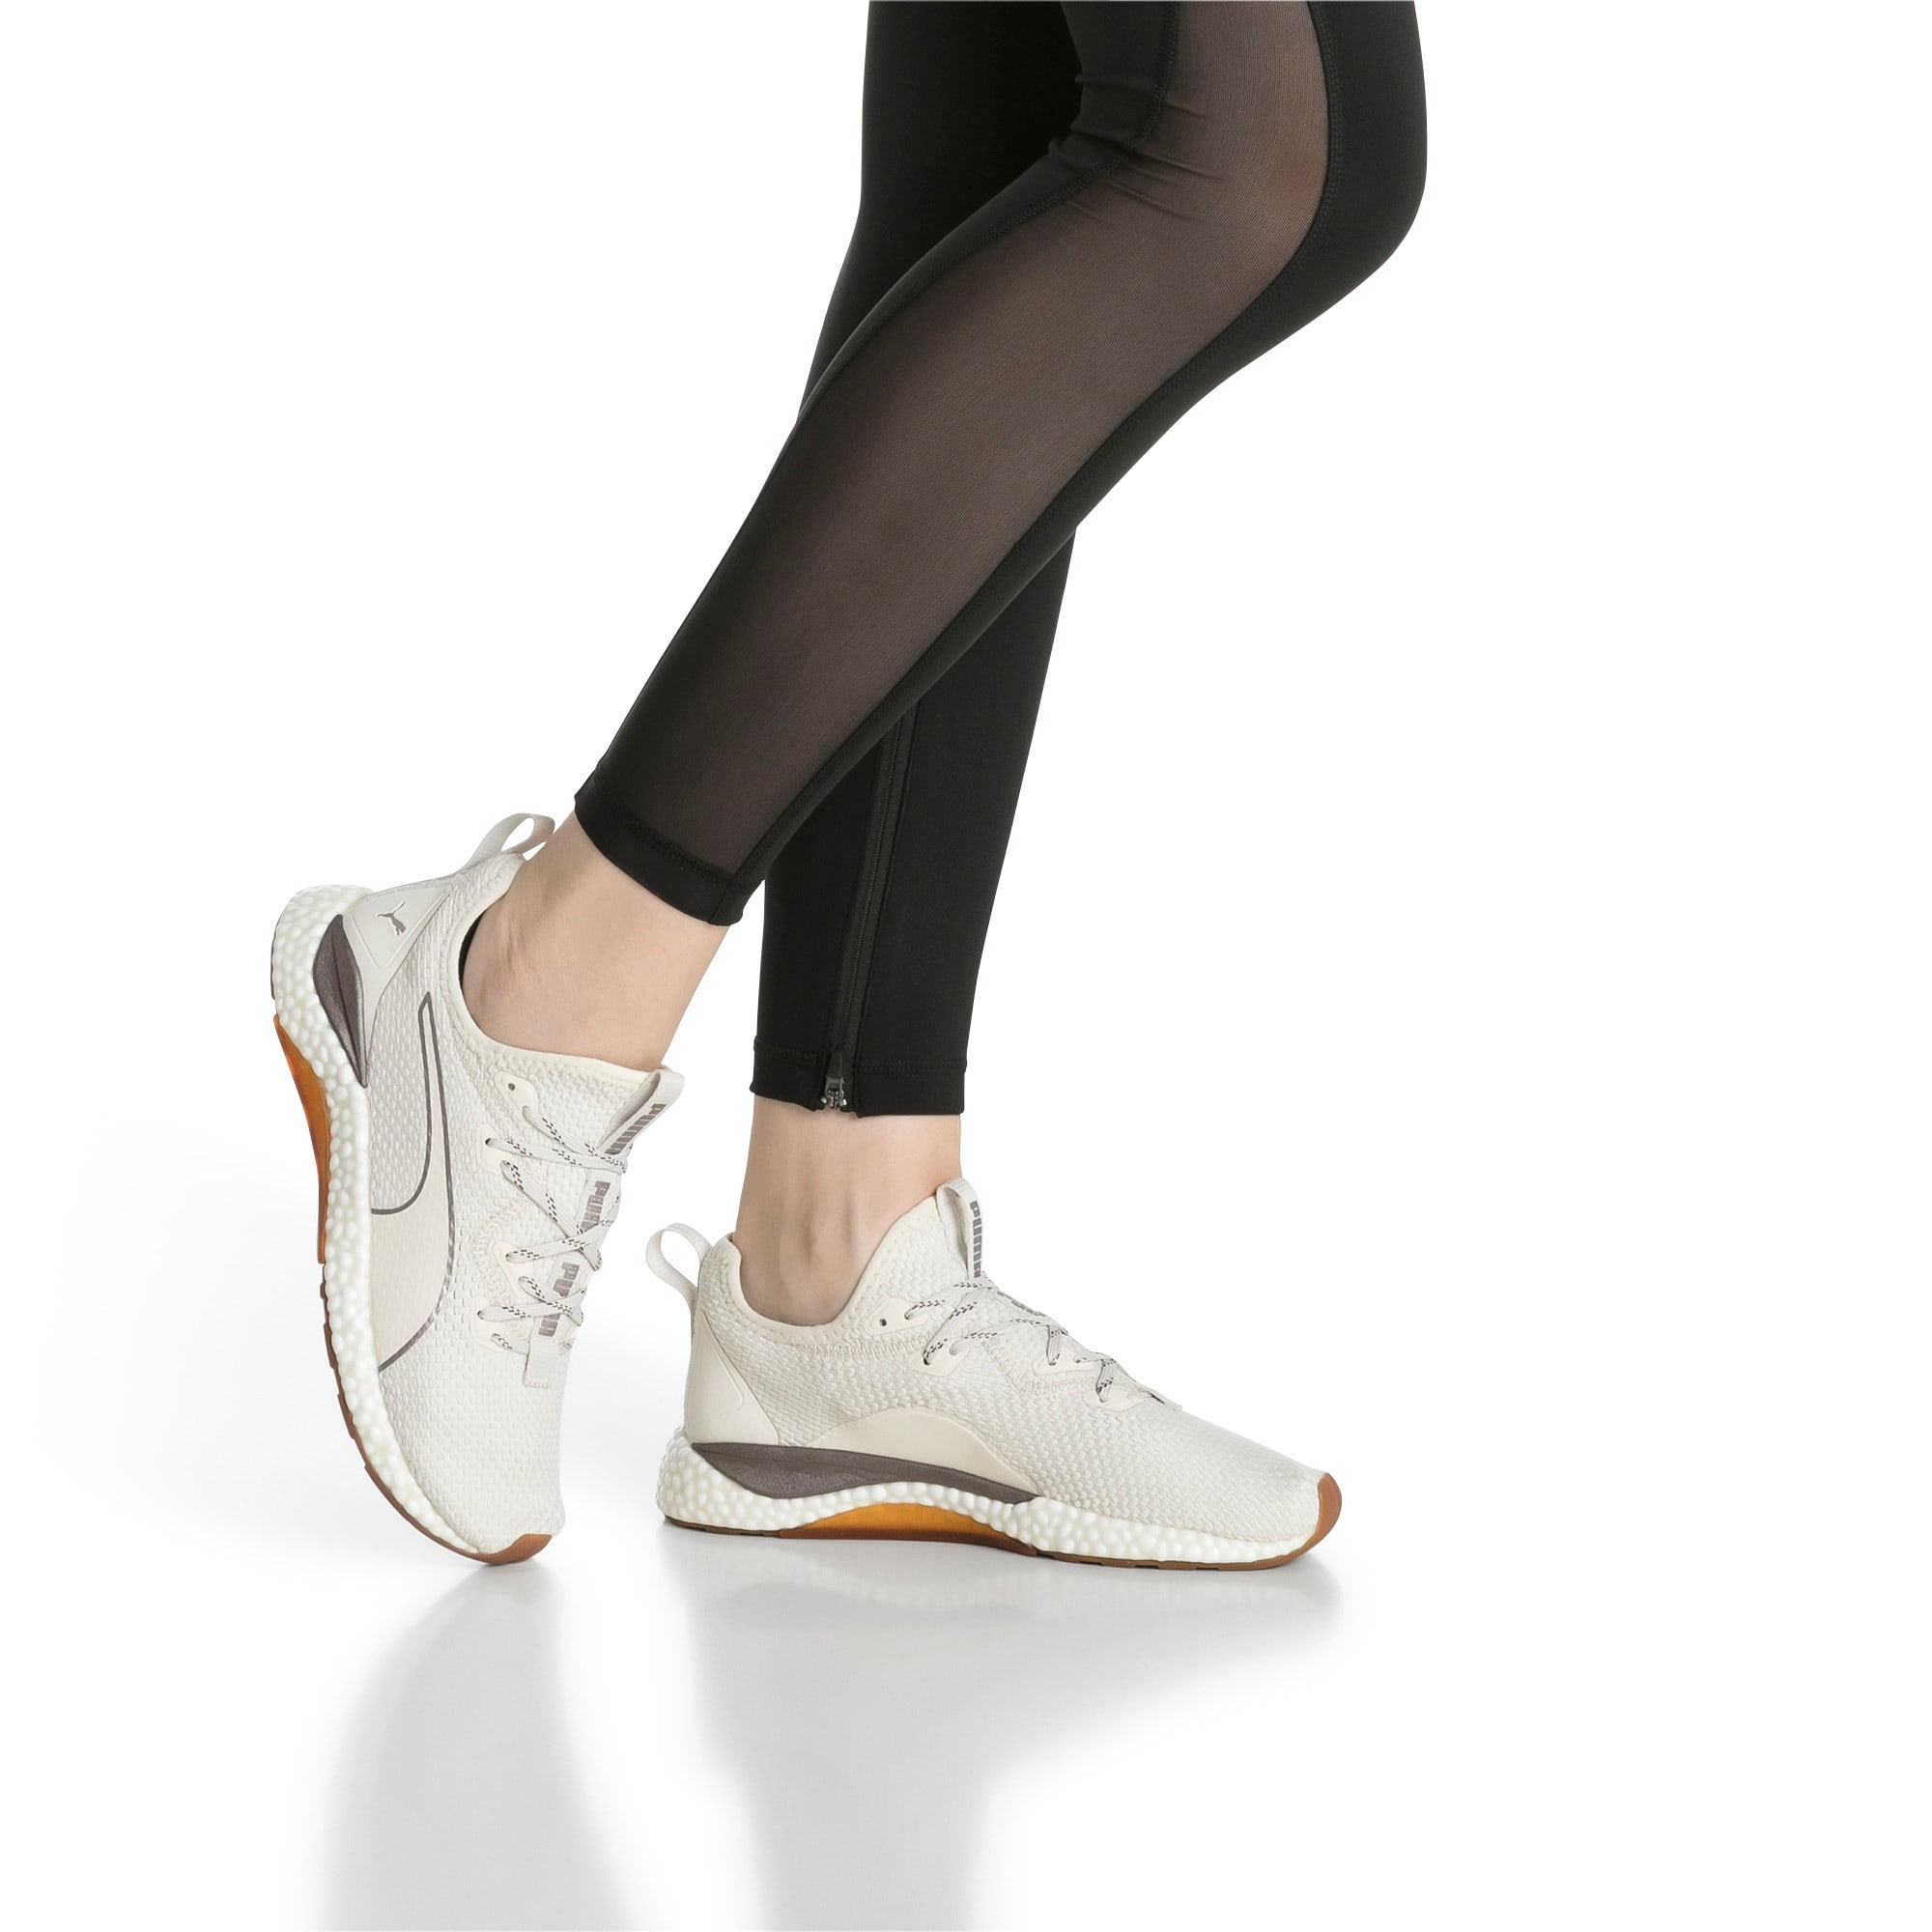 Thumbnail 7 of HYBRID Runner Luxe Women's Running Shoes, Whisper White-Puma White, medium